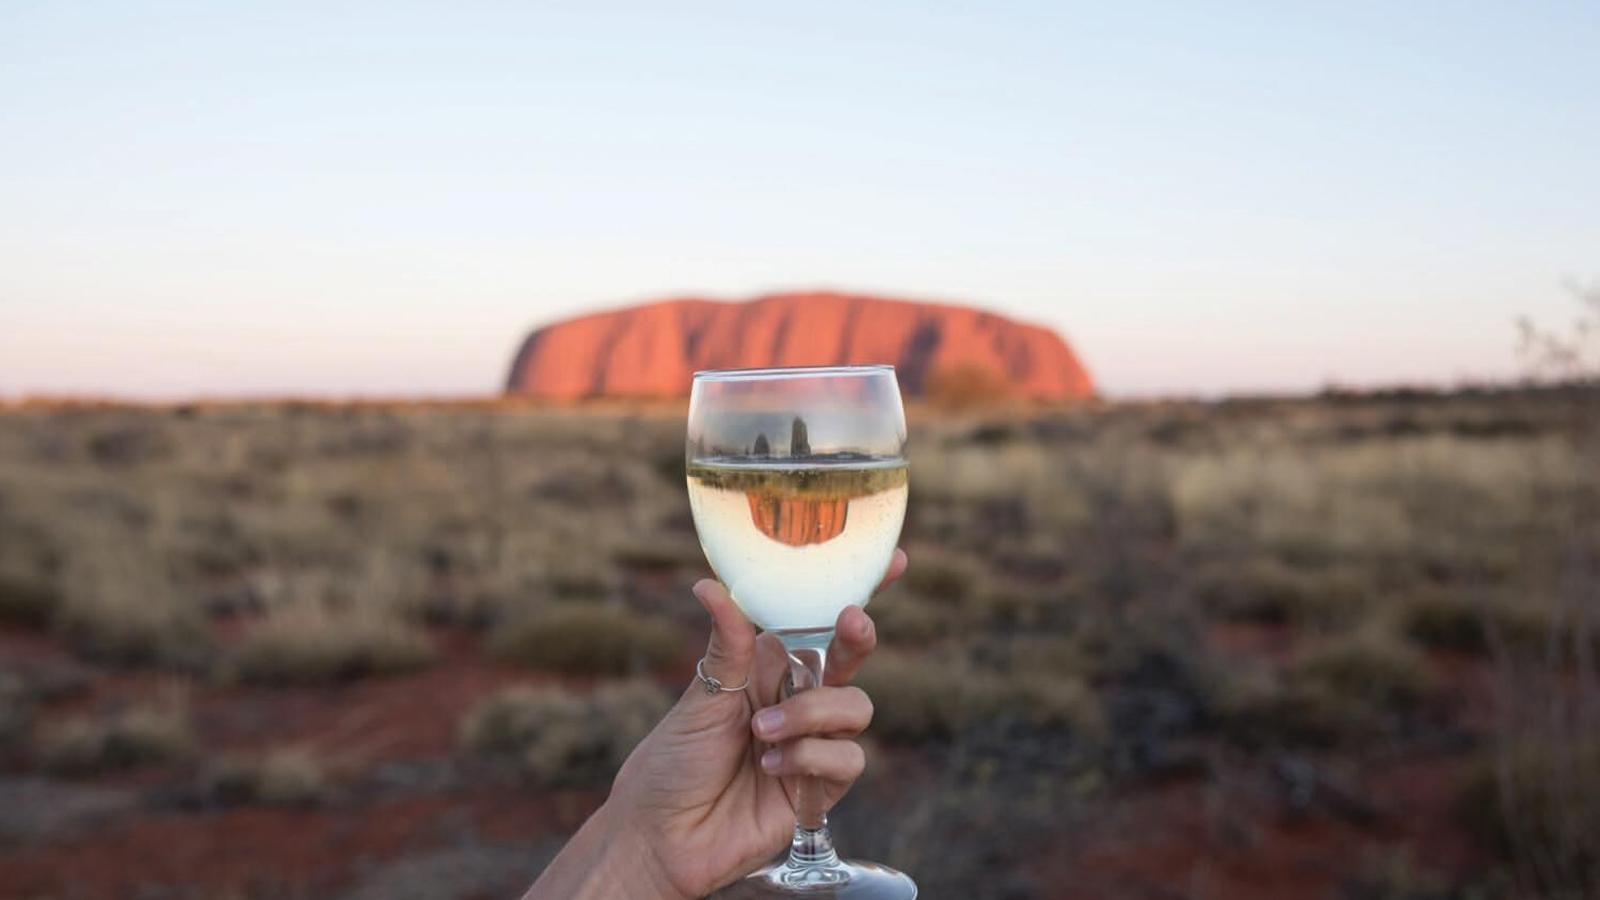 Ayers Rock Australien Reisen für junge Leute traveljunkies